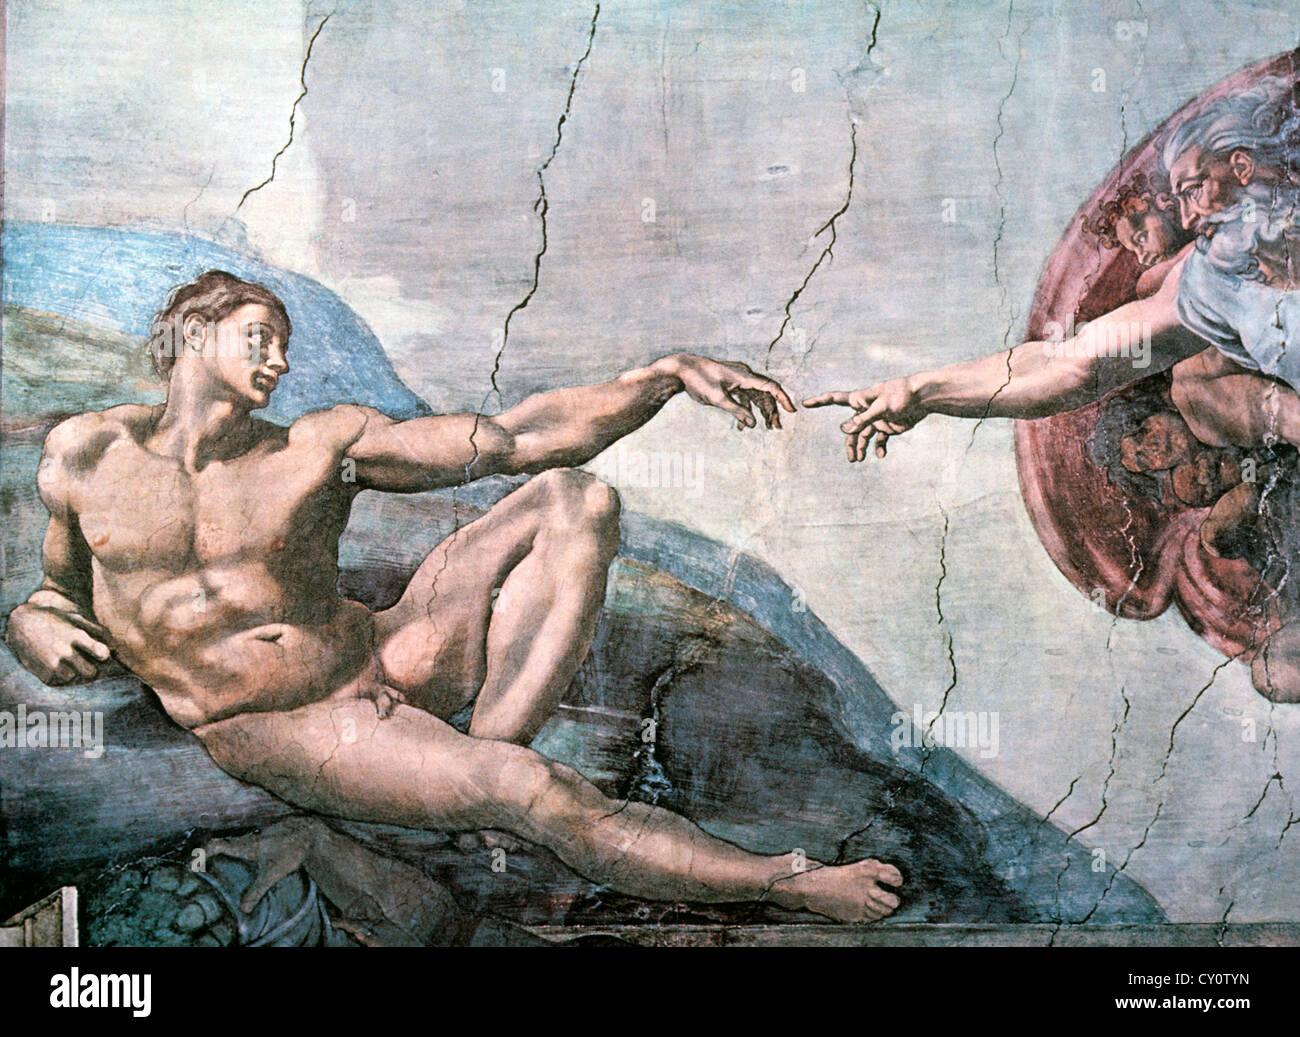 Gott erschafft Adam, Sixtinische Kapelle, Vatikan, Michelangelo, Fresko, 1508-11 Stockbild